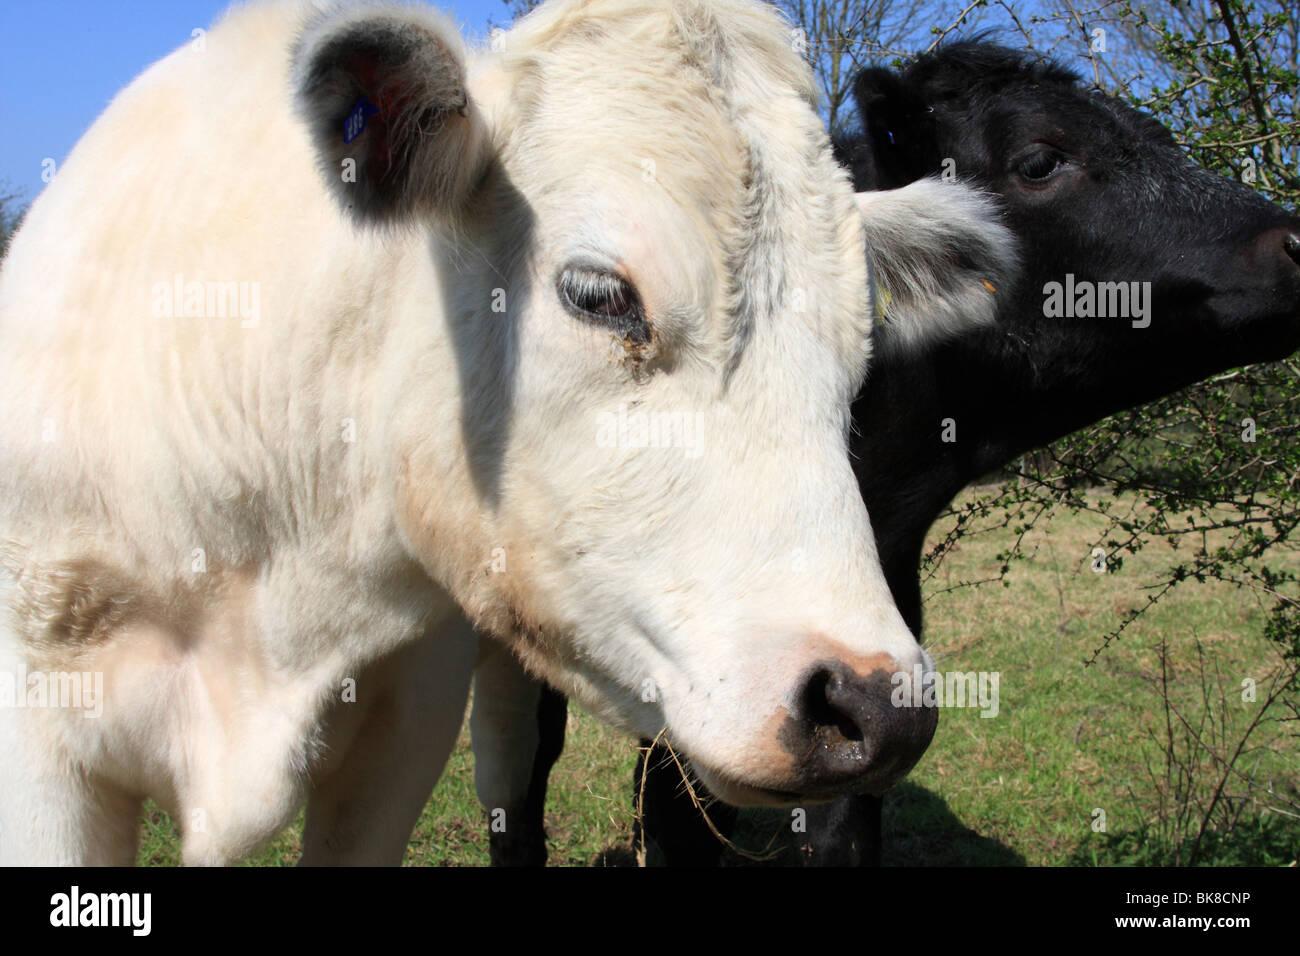 Ganado en una granja del Reino Unido. Imagen De Stock